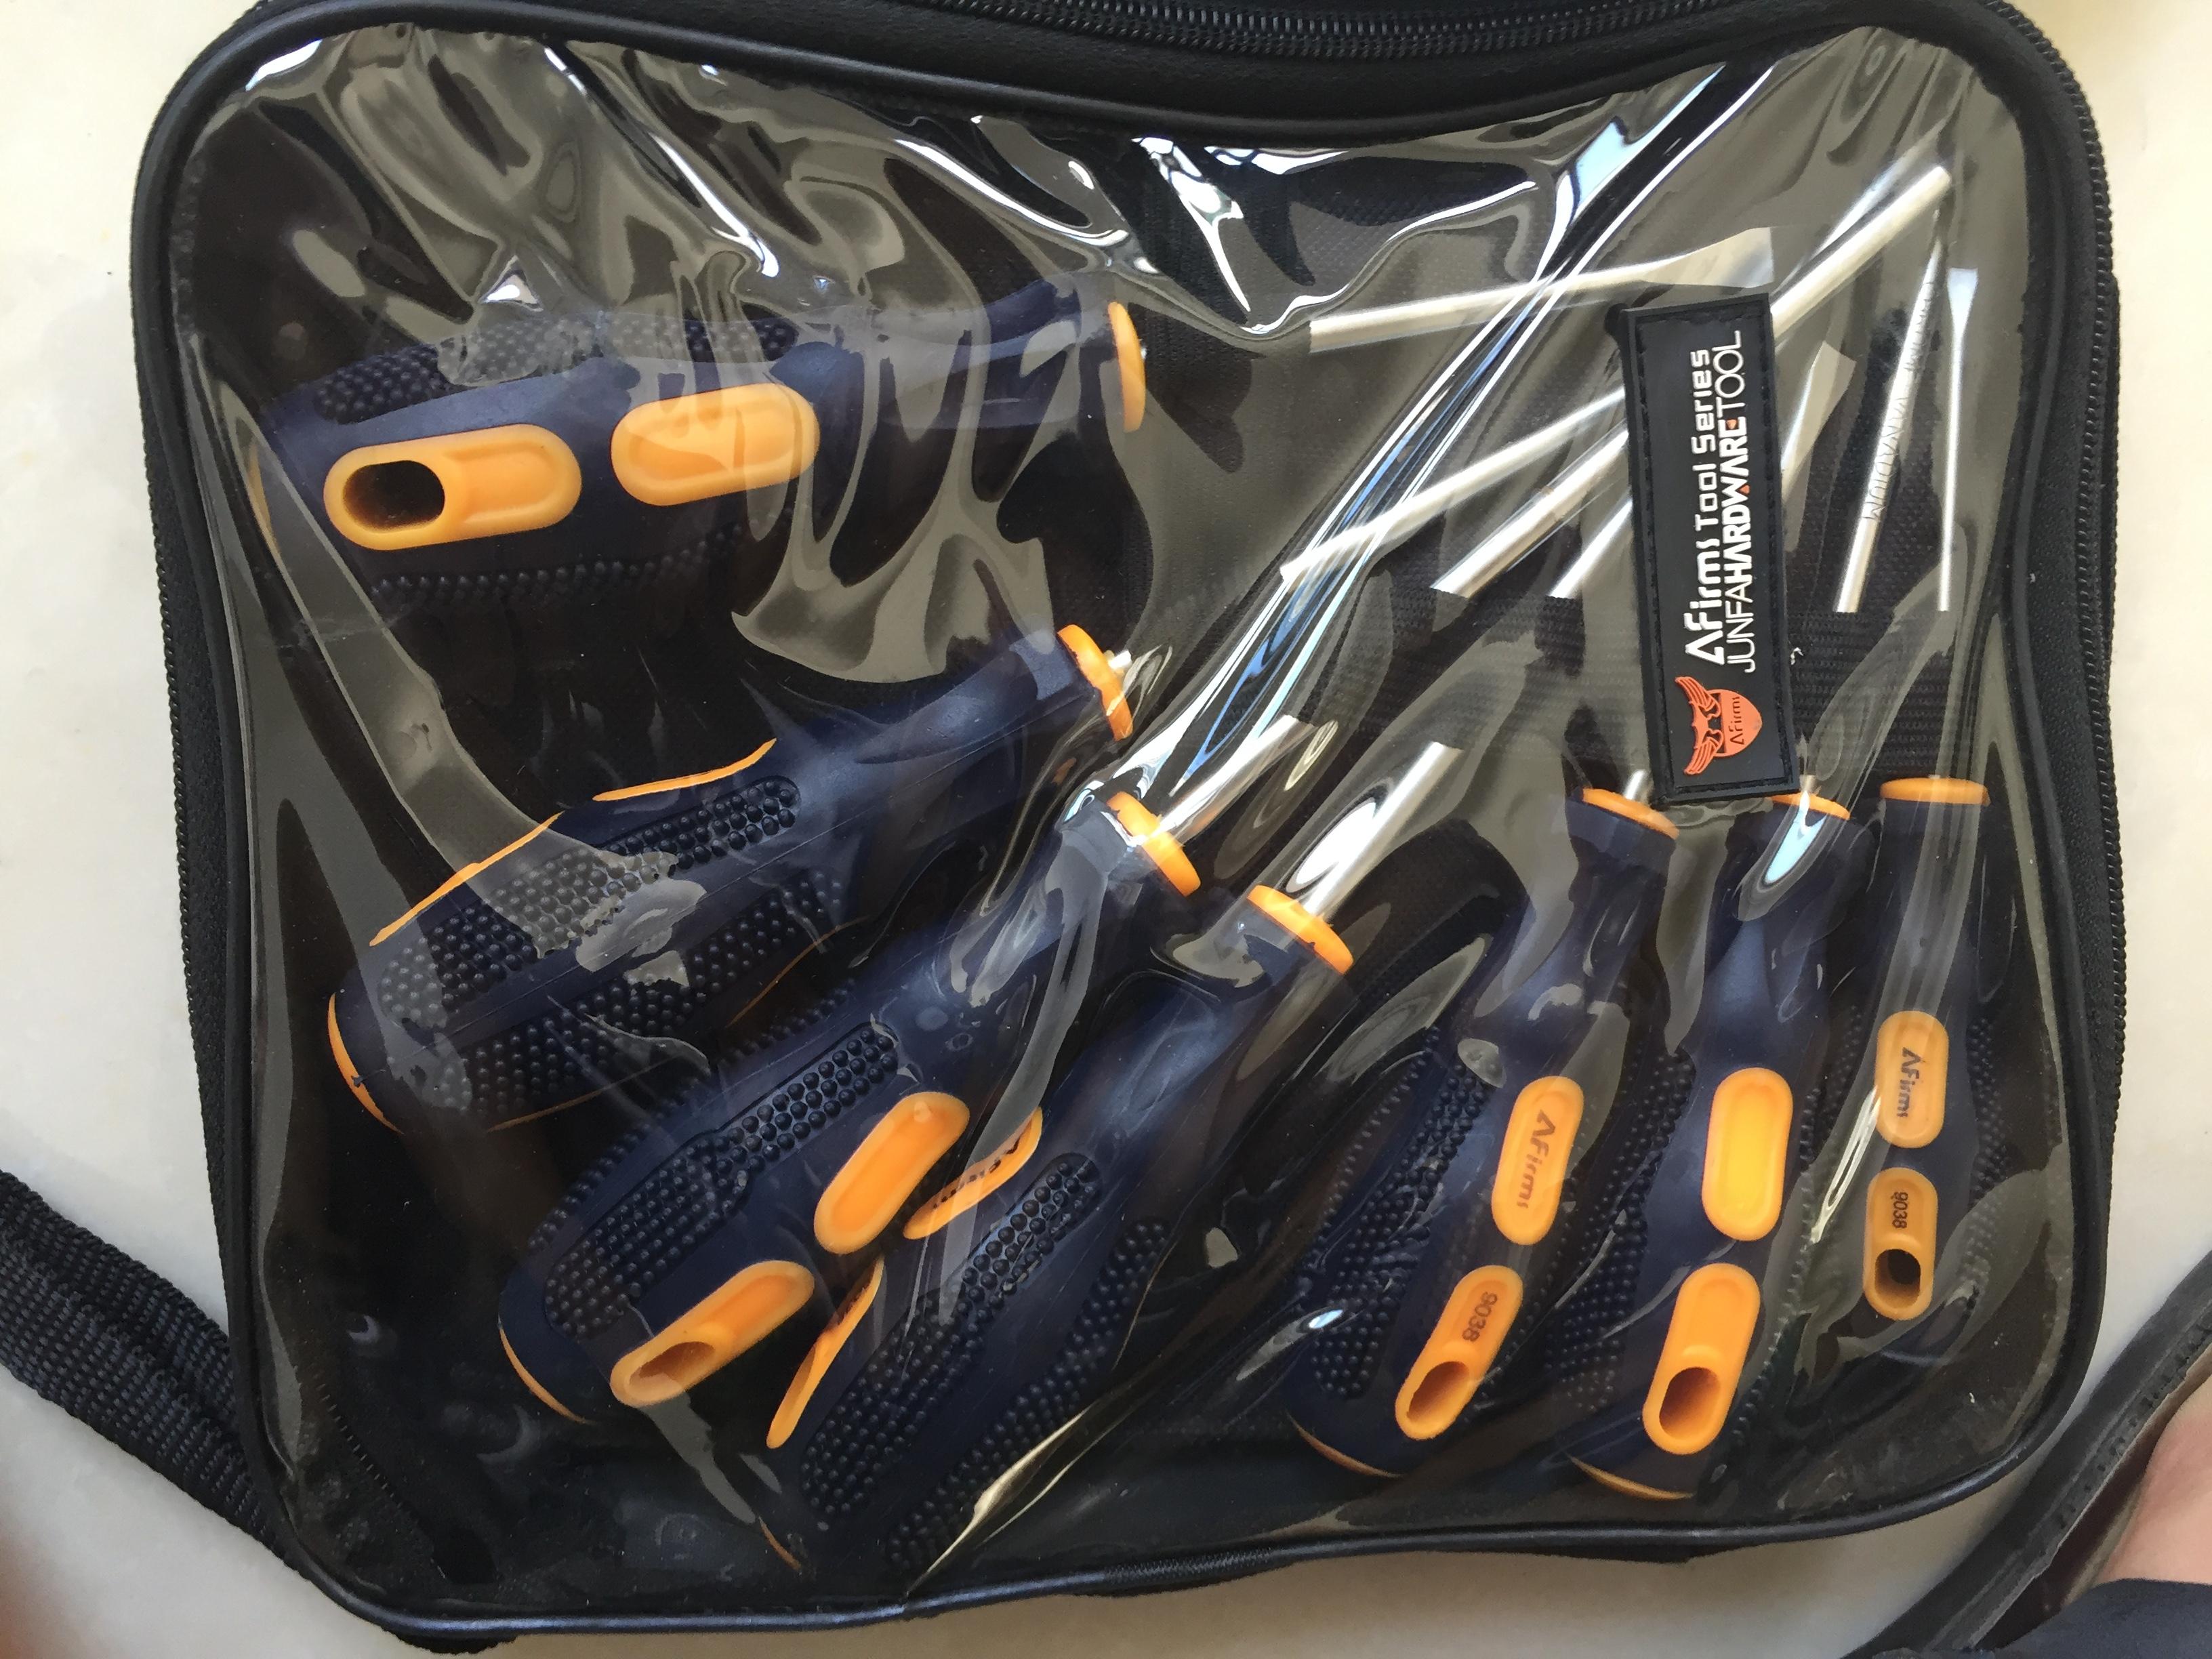 Household screwdriver set, 6 piece screwdriver, tool screwdriver family set